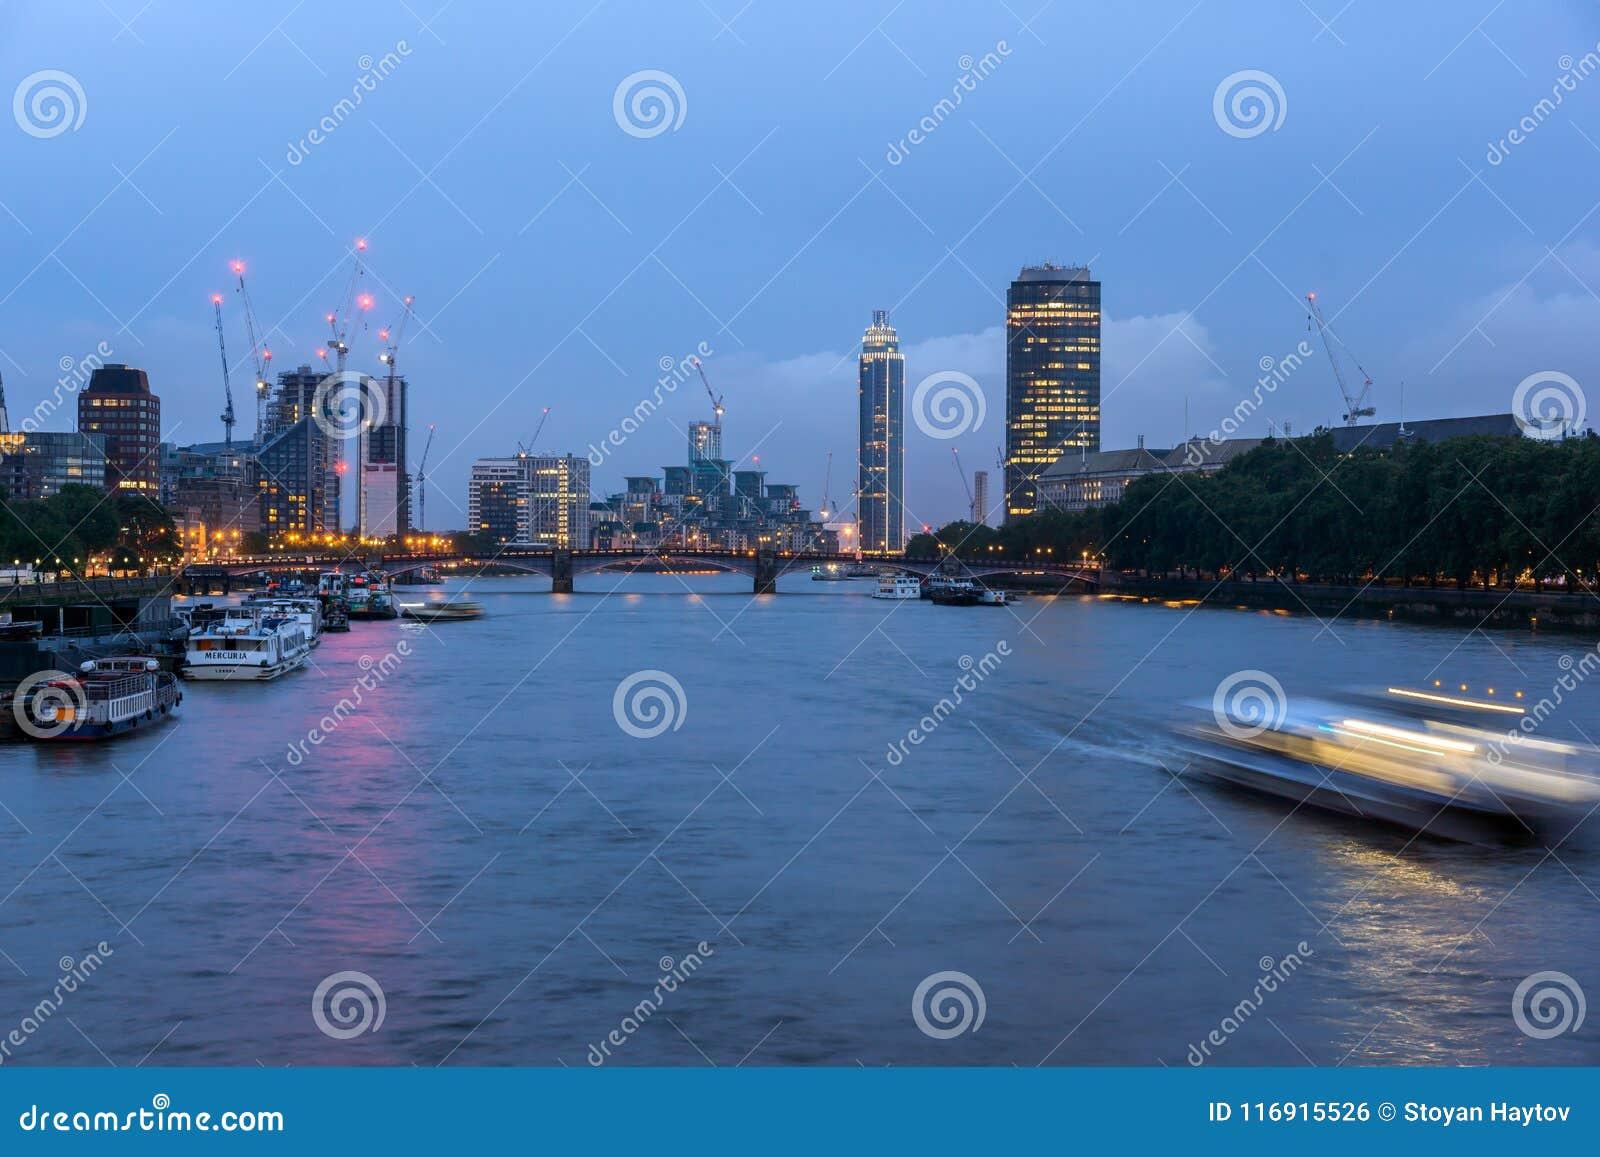 Paesaggio urbano stupefacente di notte della città di Londra, Inghilterra, Regno Unito